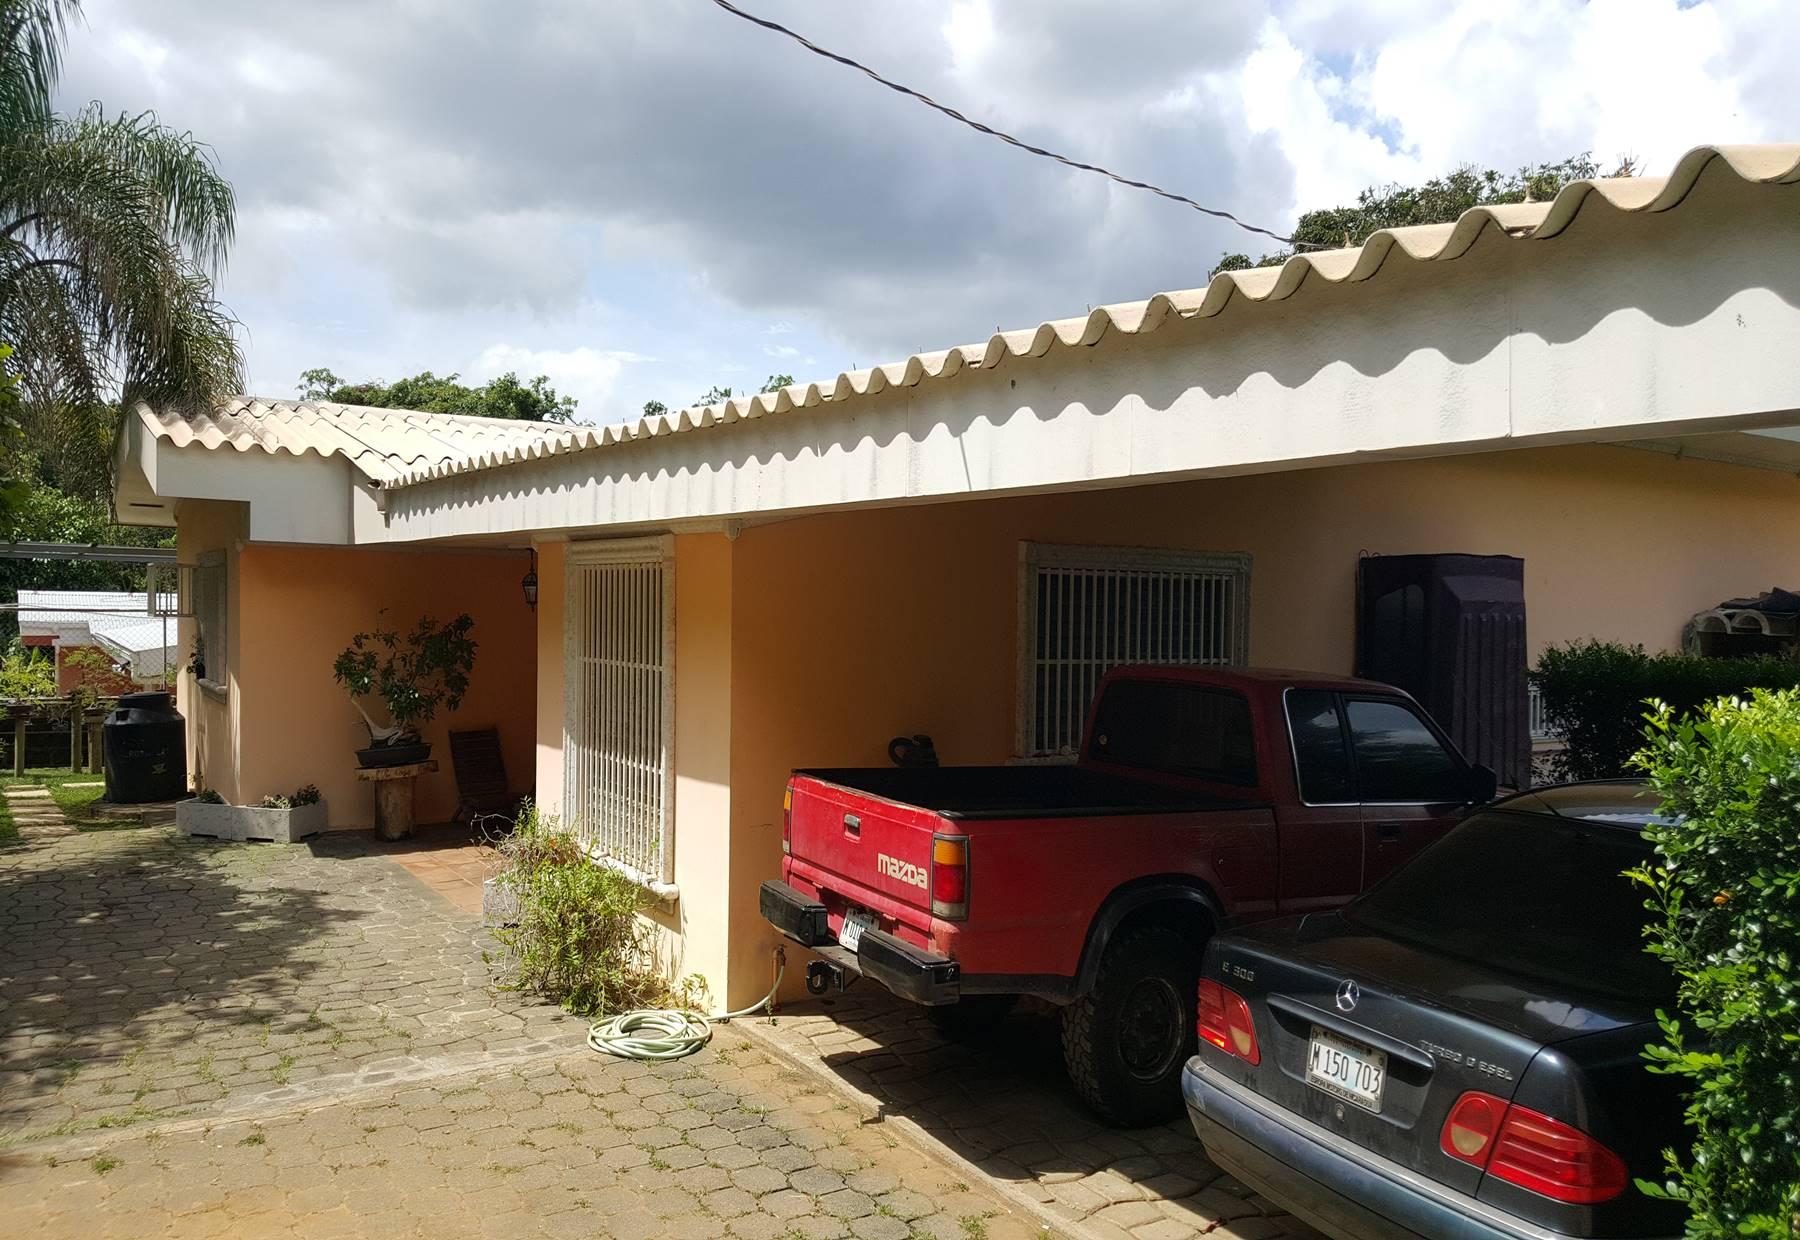 carretera-vieja-a-leon-kmc-bienes-raices-7153063-6